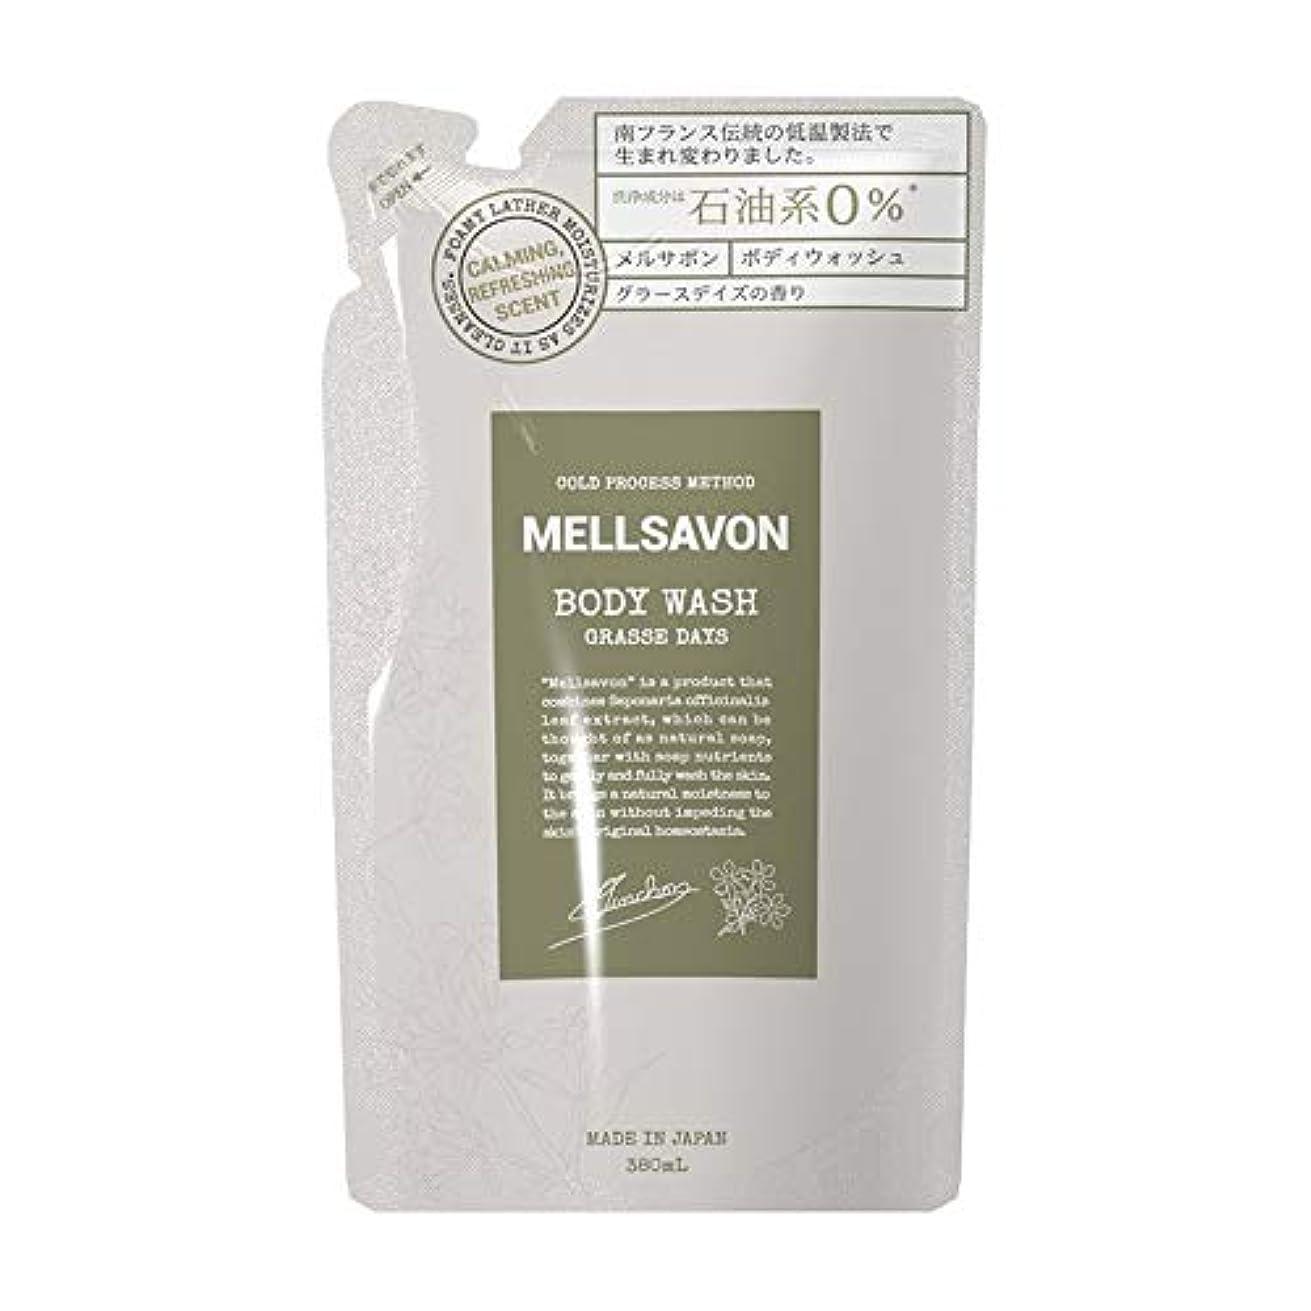 野菜ボルト密度【4袋セット】 MELLSAVON(メルサボン) ボディウォッシュ グラースデイズ 〈詰替〉 380mL × 4袋